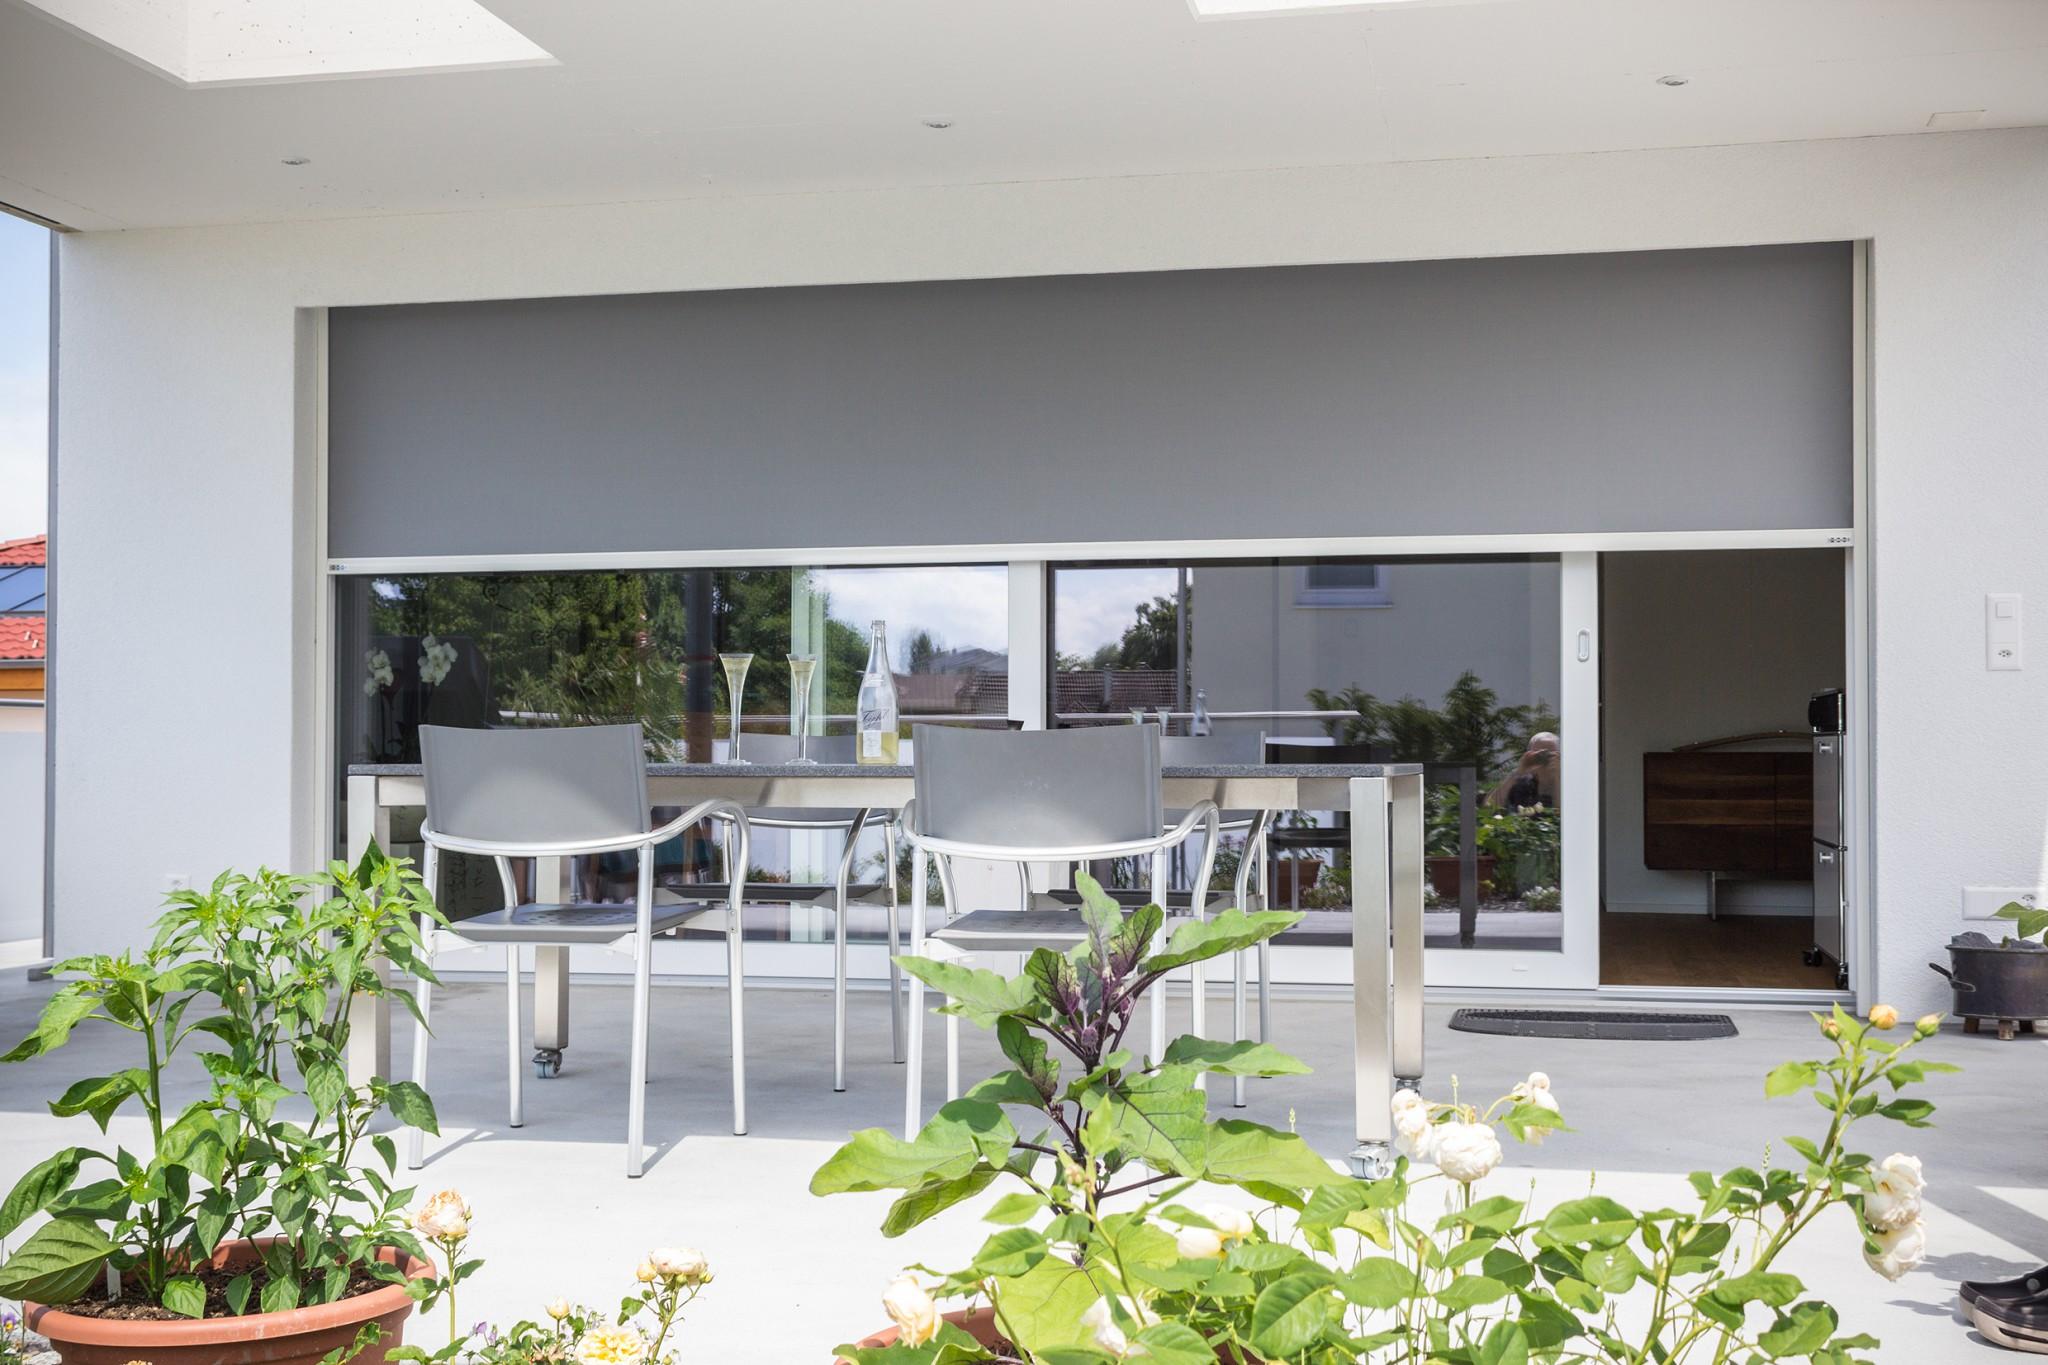 arquati rapallo ventosol tende per vento pioggia sole facciate finestre automatiche chiavari. Black Bedroom Furniture Sets. Home Design Ideas